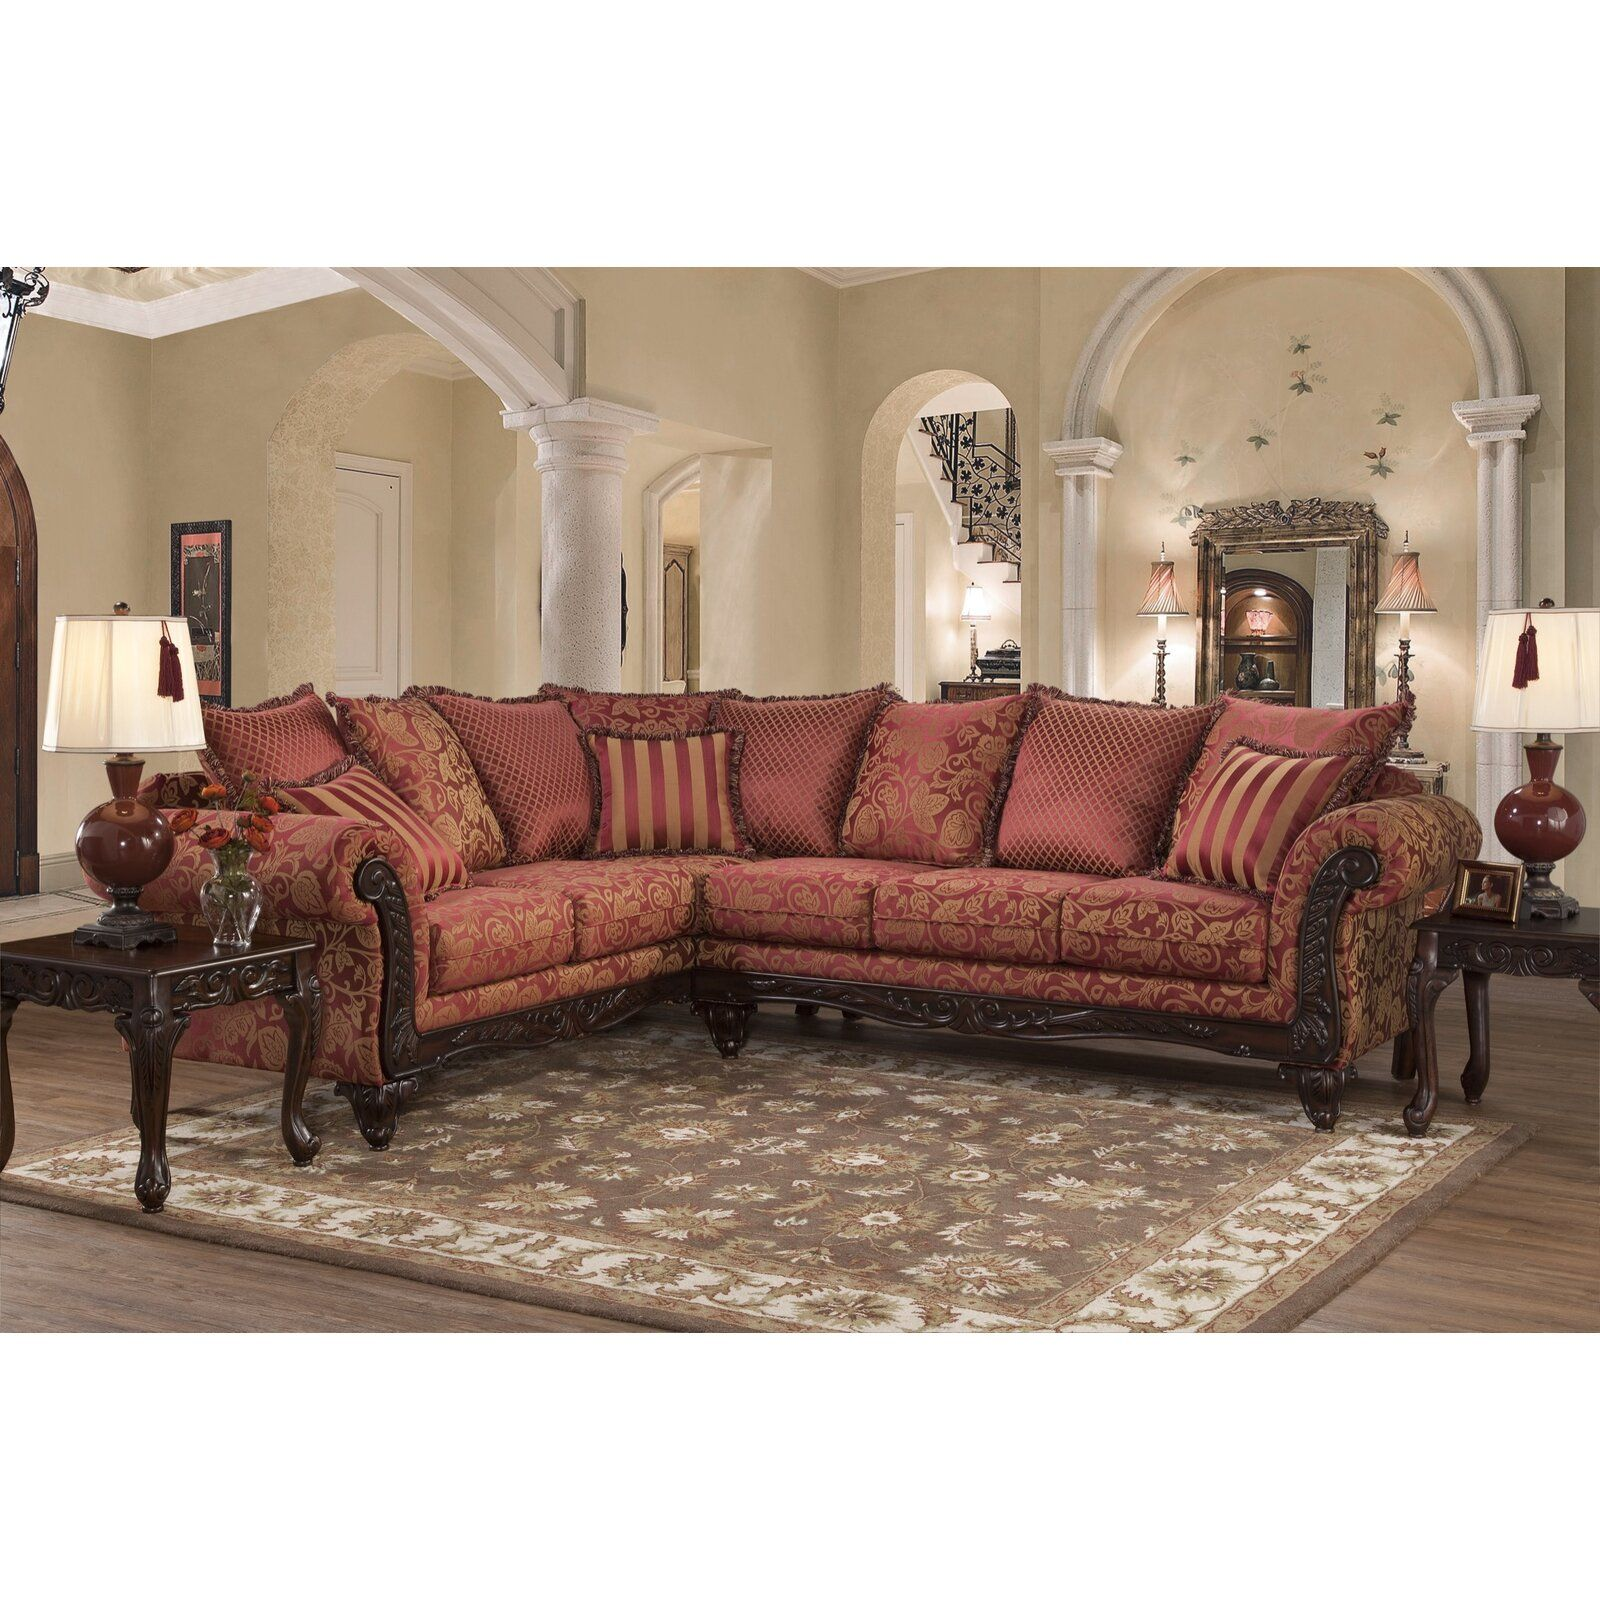 Best Astoria Grand Fairclough Sectional Wayfair Sectional 640 x 480